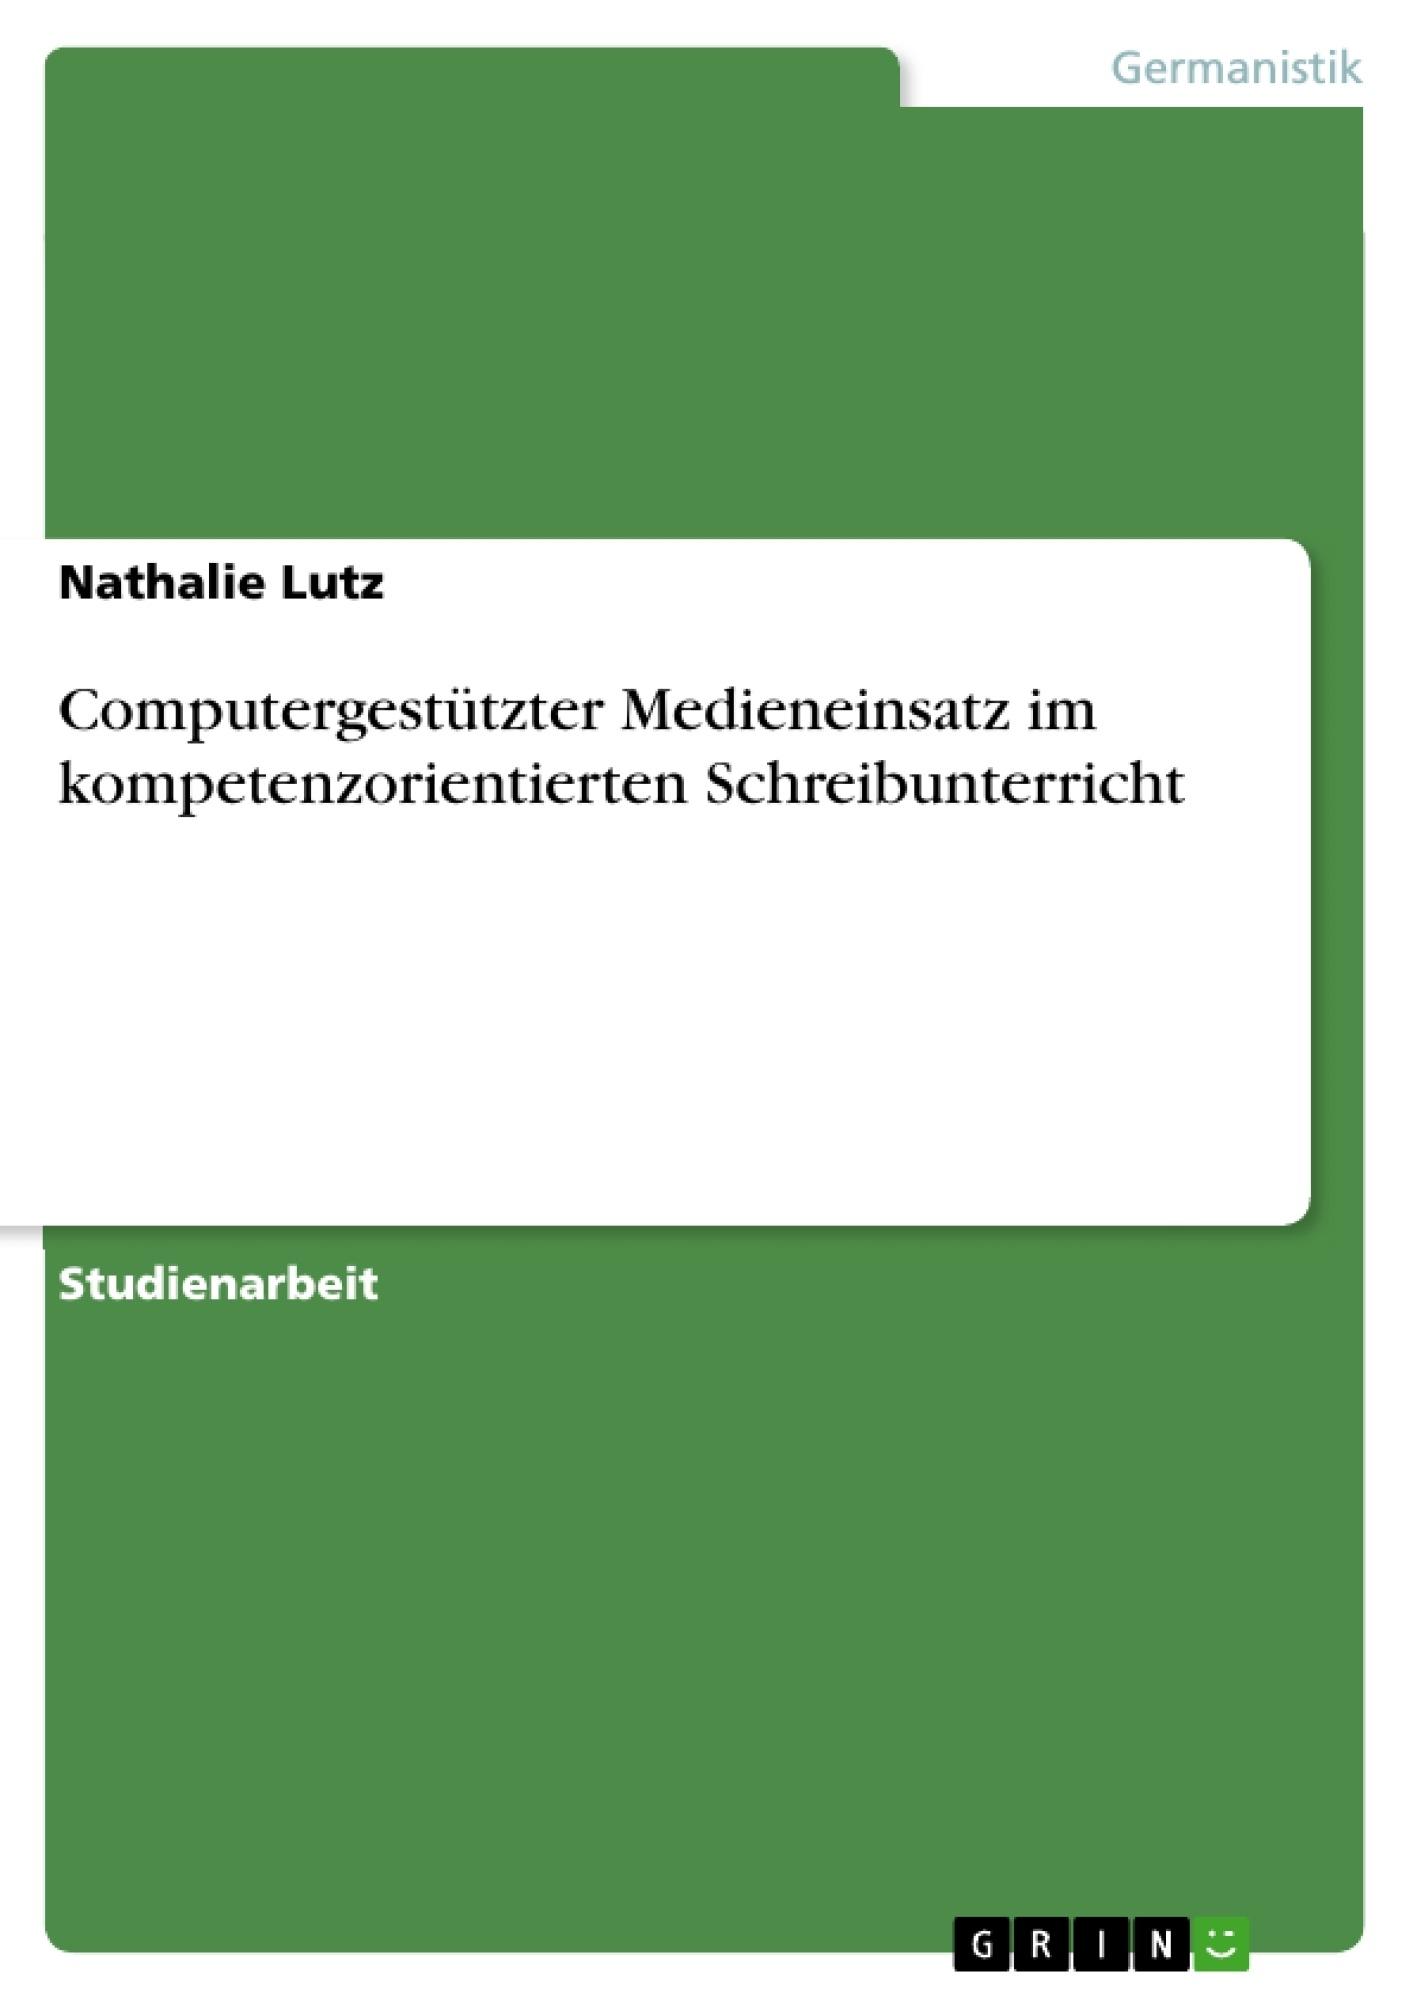 Titel: Computergestützter Medieneinsatz im kompetenzorientierten Schreibunterricht